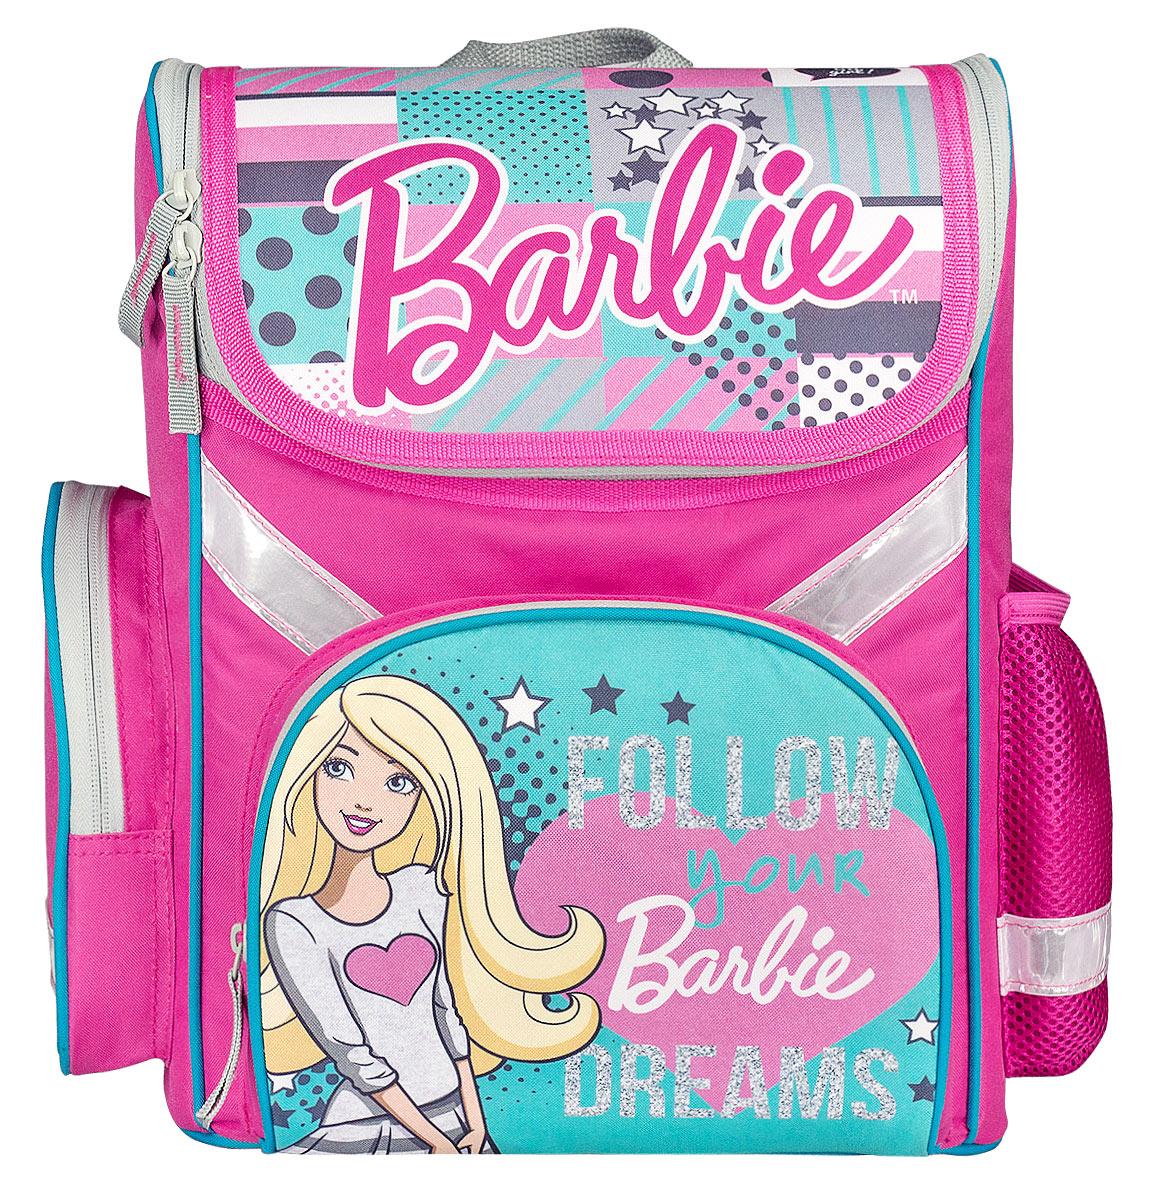 Barbie Ранец школьный Follow DreamsBRDB-MT1-113FШкольный ранец Barbie выполнен из современного легкого и прочного полиэстера. Ранец дополнен ярким изображением куклы Барби.Изделие имеет одно основное отделение, закрывающееся клапаном на застежку-молнию с двумя бегунками. Внутри отделения расположены два мягких разделителя с утягивающей резинкой, предназначенные для тетрадей и учебников. На лицевой стороне ранца расположен накладной карман на молнии. По бокам ранца размещены два дополнительных накладных кармана, один на молнии, и один открытый.Анатомическая вентилируемая спинка ранца и широкие мягкие лямки, регулируемые по длине, равномерно распределяют нагрузку на плечевой пояс, способствуя формированию правильной осанки.Ранец оснащен текстильной ручкой для переноски.Многофункциональный школьный ранец станет незаменимым спутником вашего ребенка в походах за знаниями.Вес ранца без наполнения менее 1 кг.